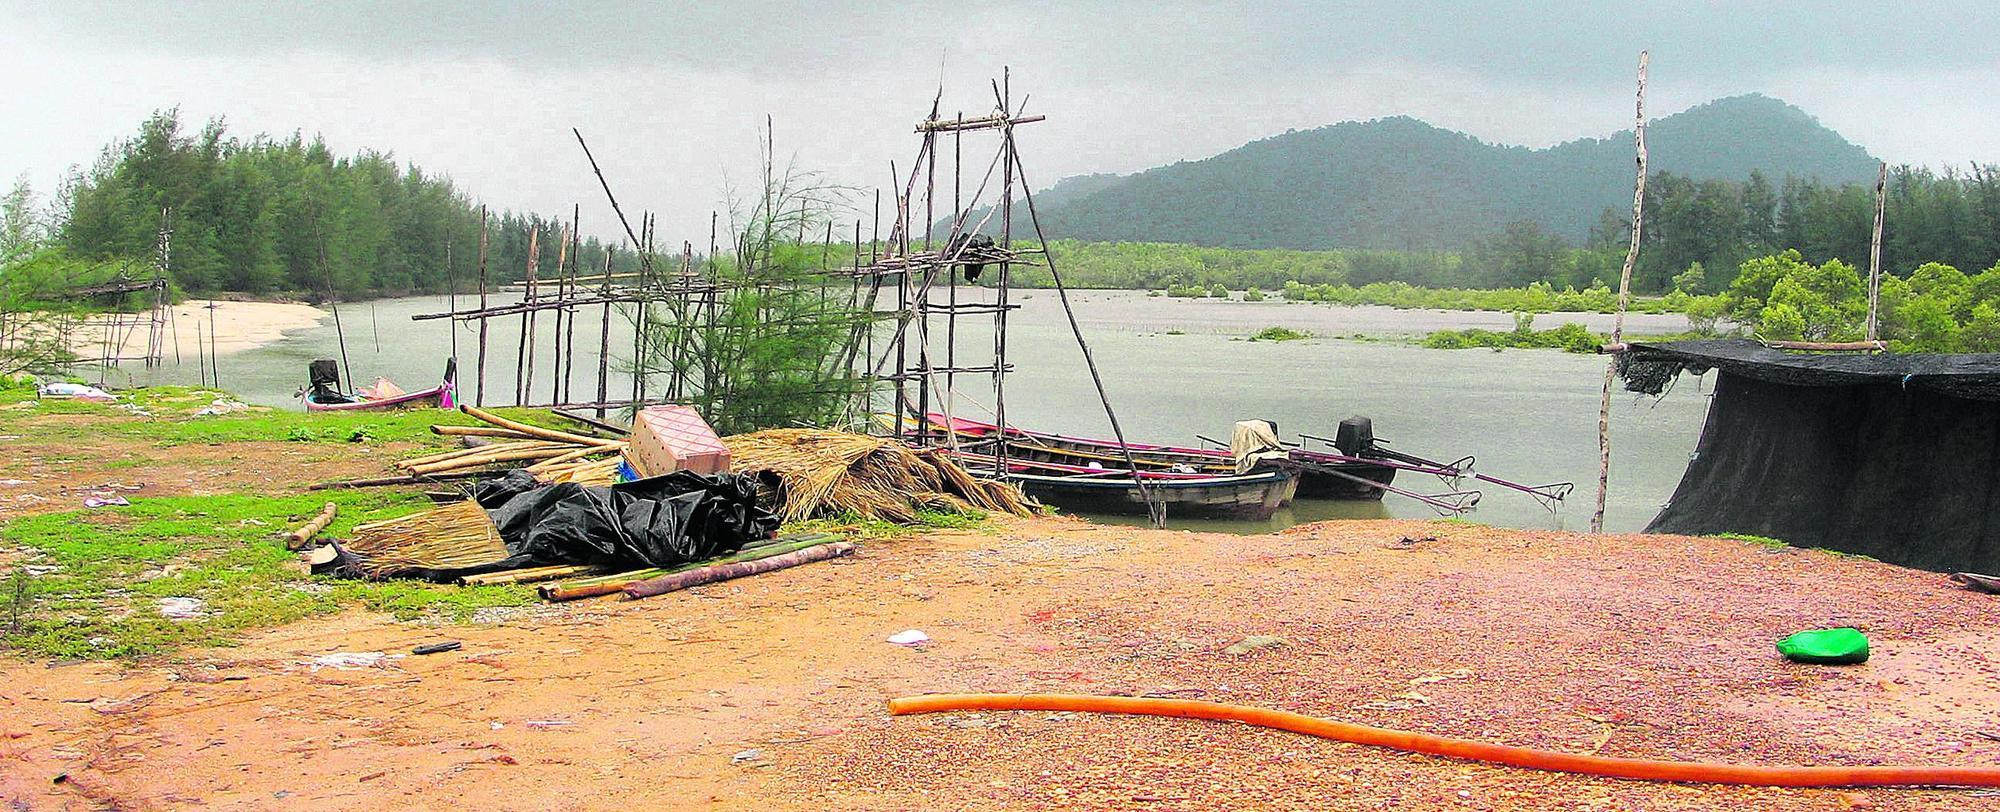 Die riesige Welle zerstörte in dem Dorf Ban Talae Nok die gesamte Infrastruktur an der Küste, unter anderem die Krabbenfarmen. Ihnen zuliebe waren die schützenden Mangrovenwälder abgeholzt worden.